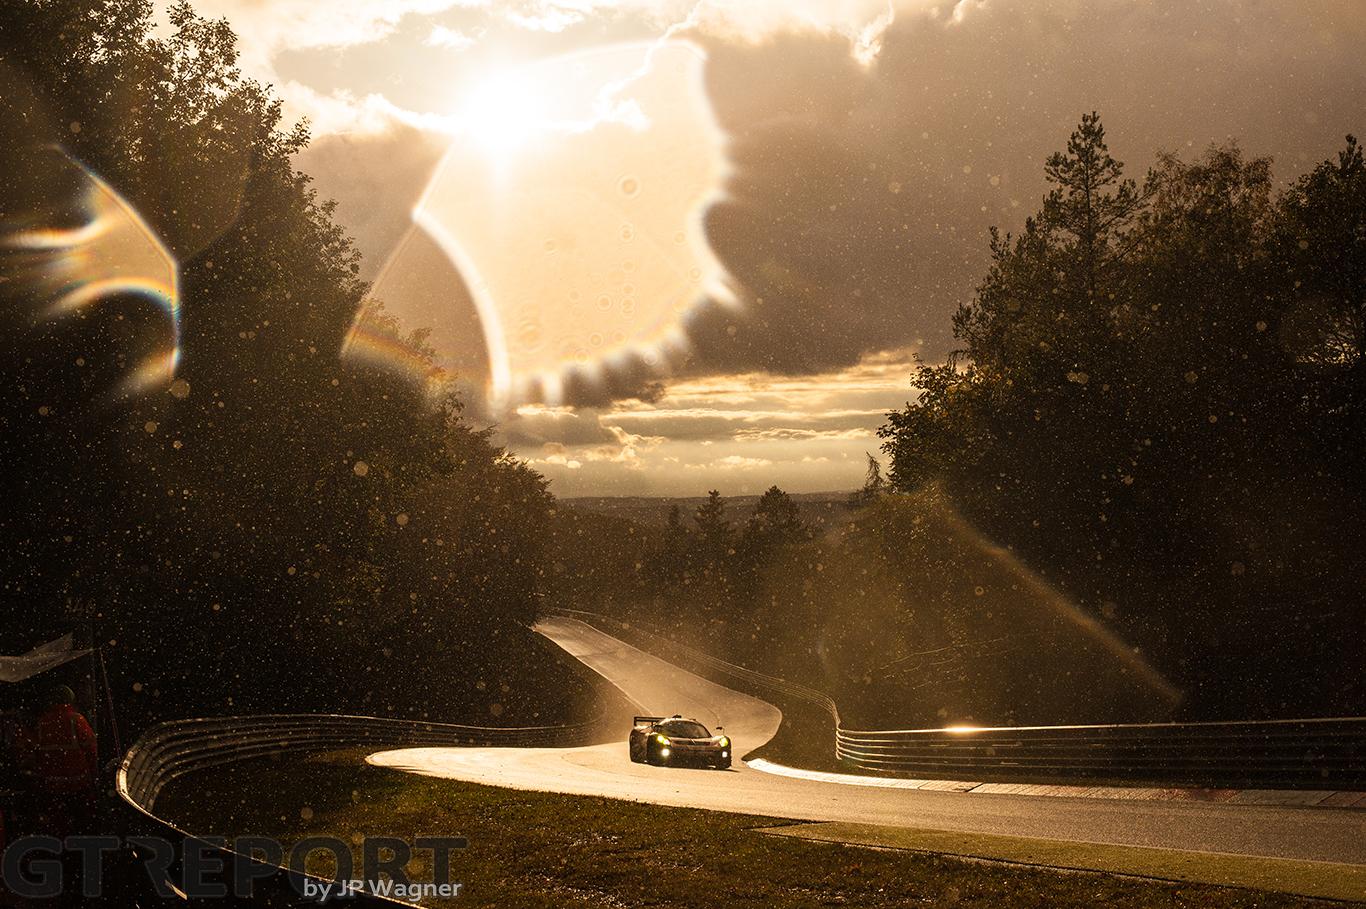 Nürburgring 24 Hours gallery, Pt.II